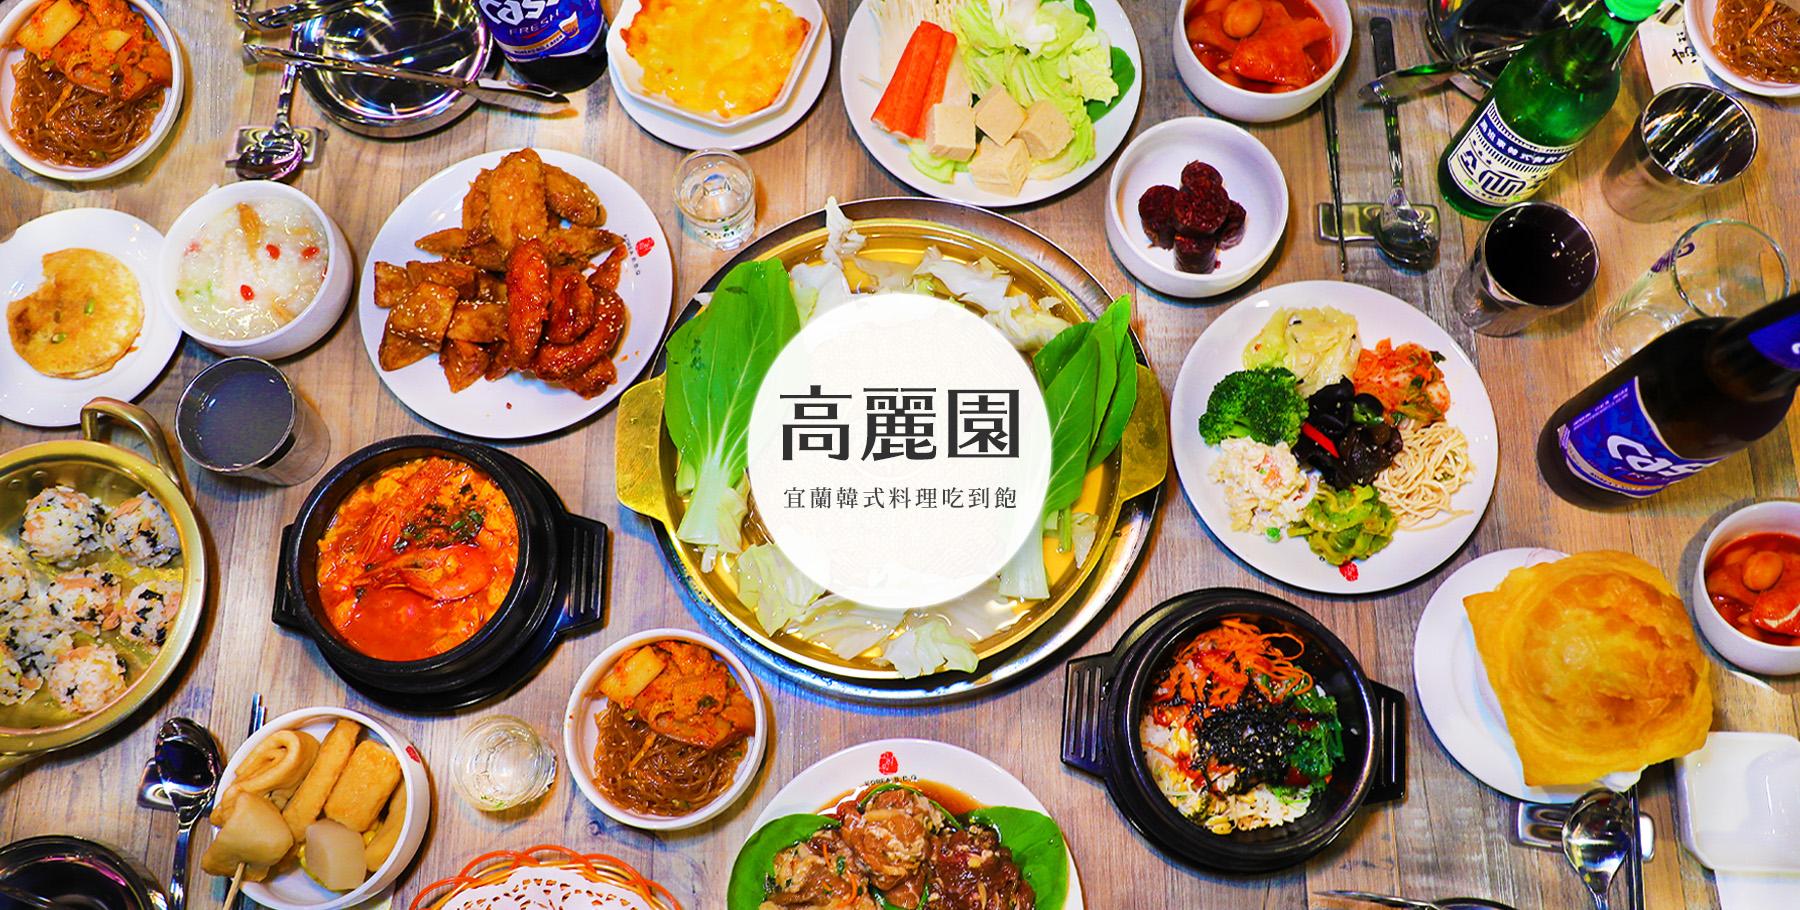 宜蘭韓式|高麗園銅盤烤肉新月市場店|韓式烤肉吃到飽韓國炸雞辣炒年糕菜單